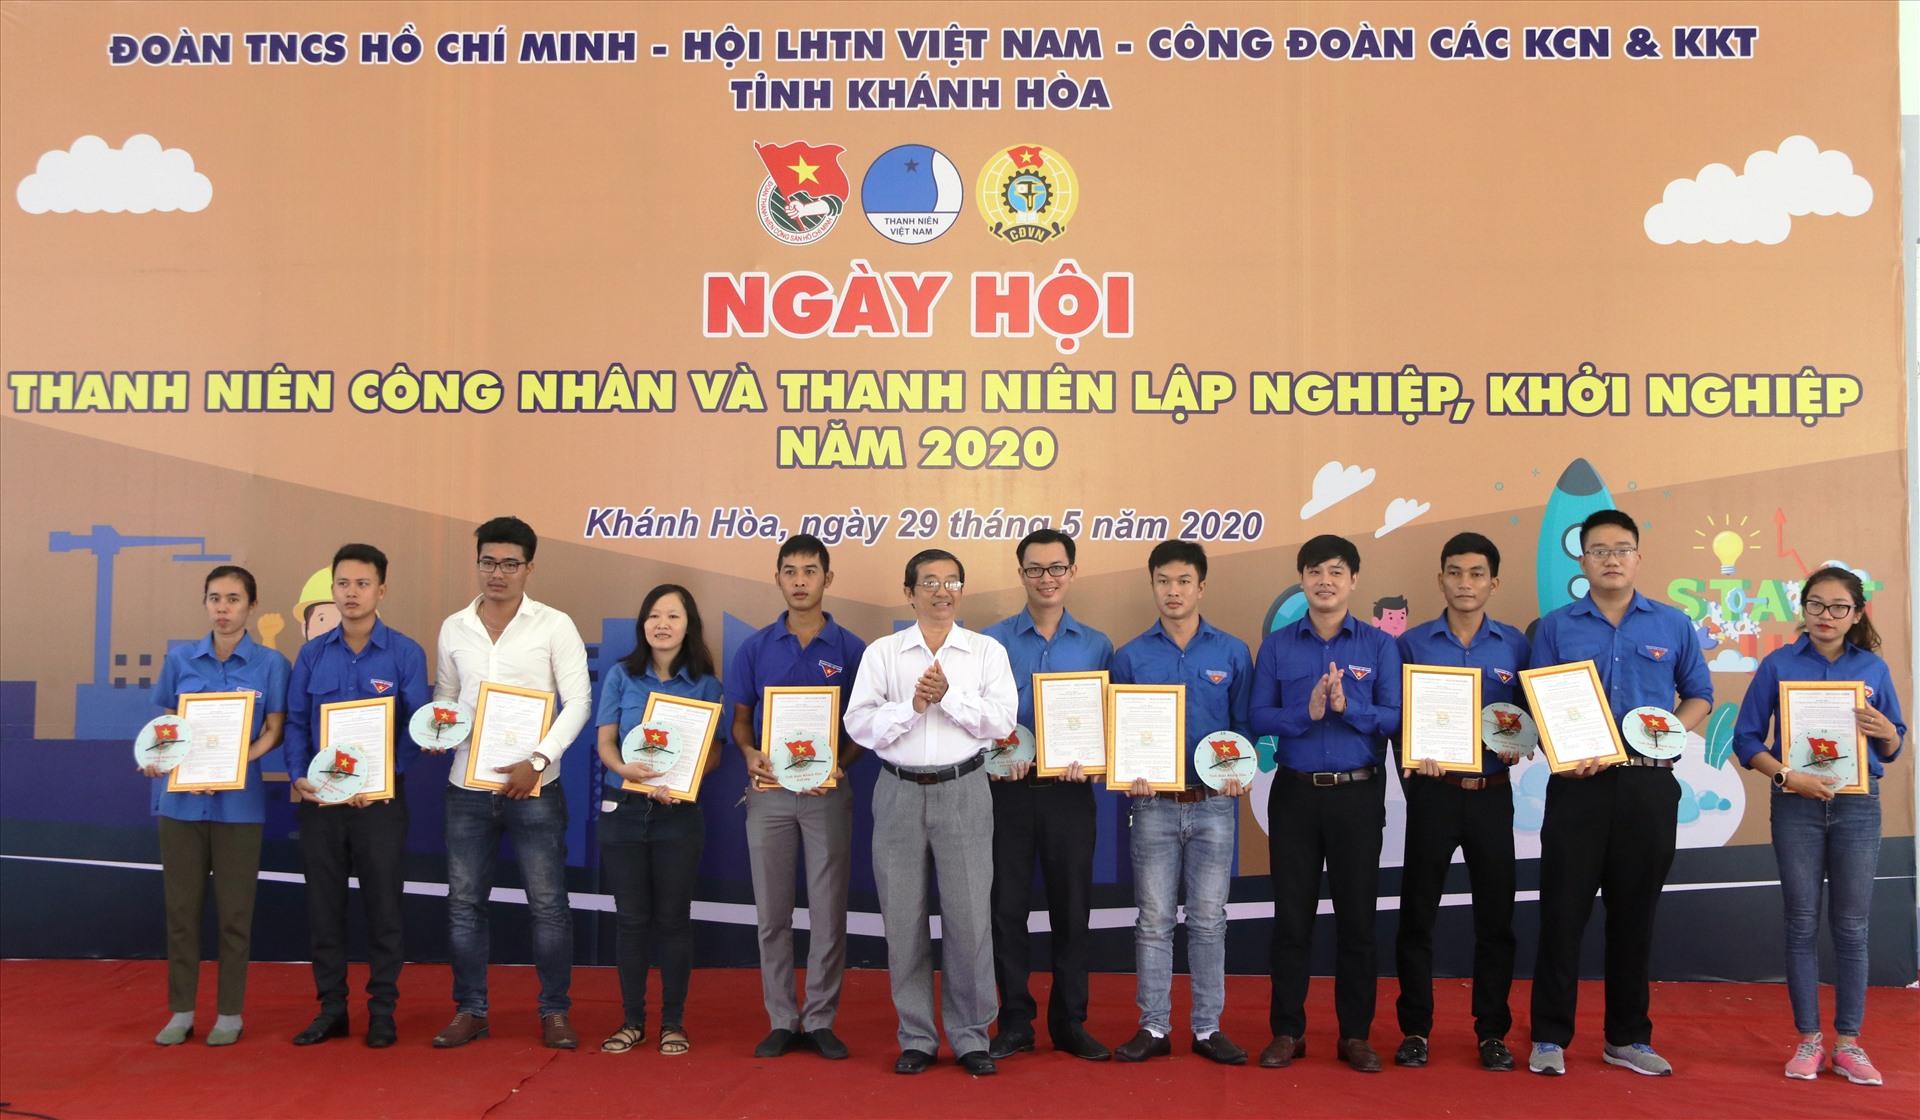 Lãnh đạo Tỉnh đoàn Khánh Hòa trao quyết định thành lập 10 chi đoàn kinh tế tư nhân năm 2020. Ảnh: Phương Linh